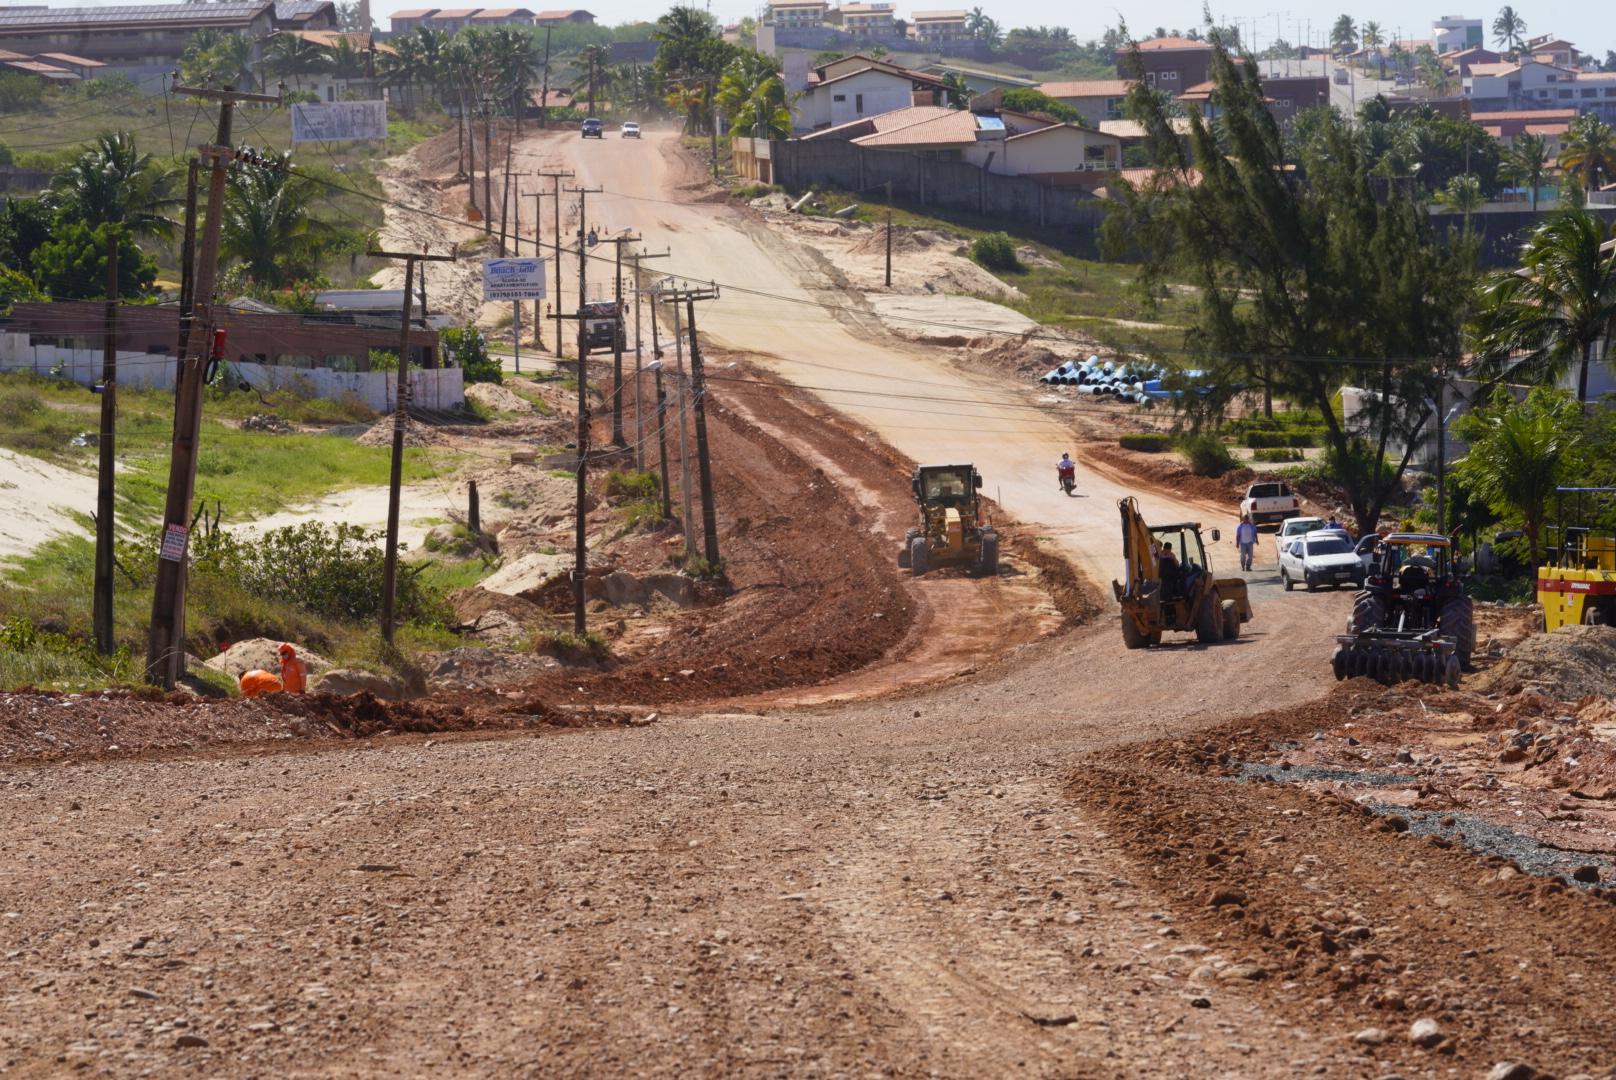 Governador inspeciona obra de duplicação da CE-025, que liga Fortaleza a Aquiraz